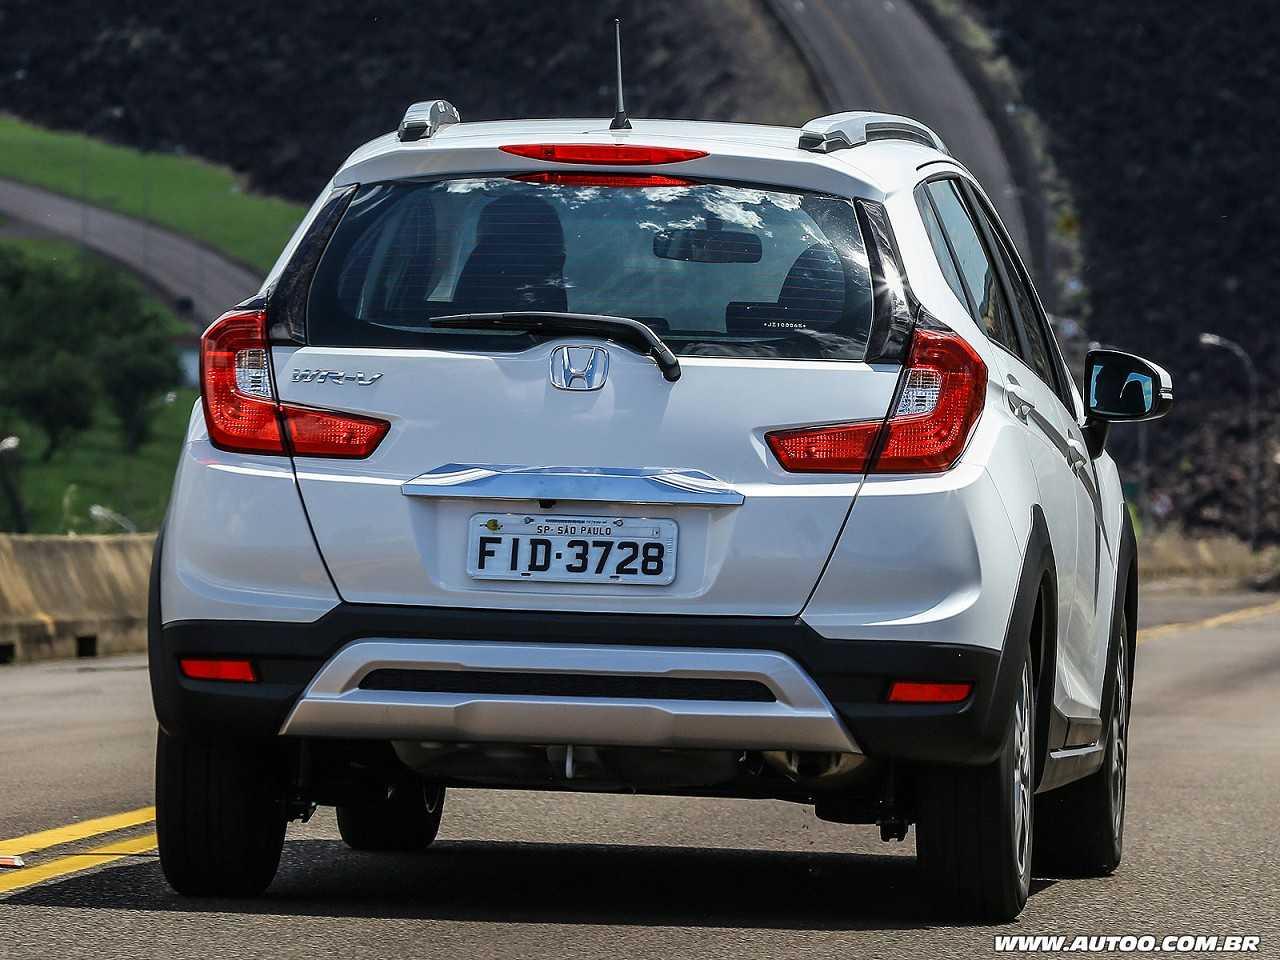 HondaWR-V 2018 - ângulo traseiro